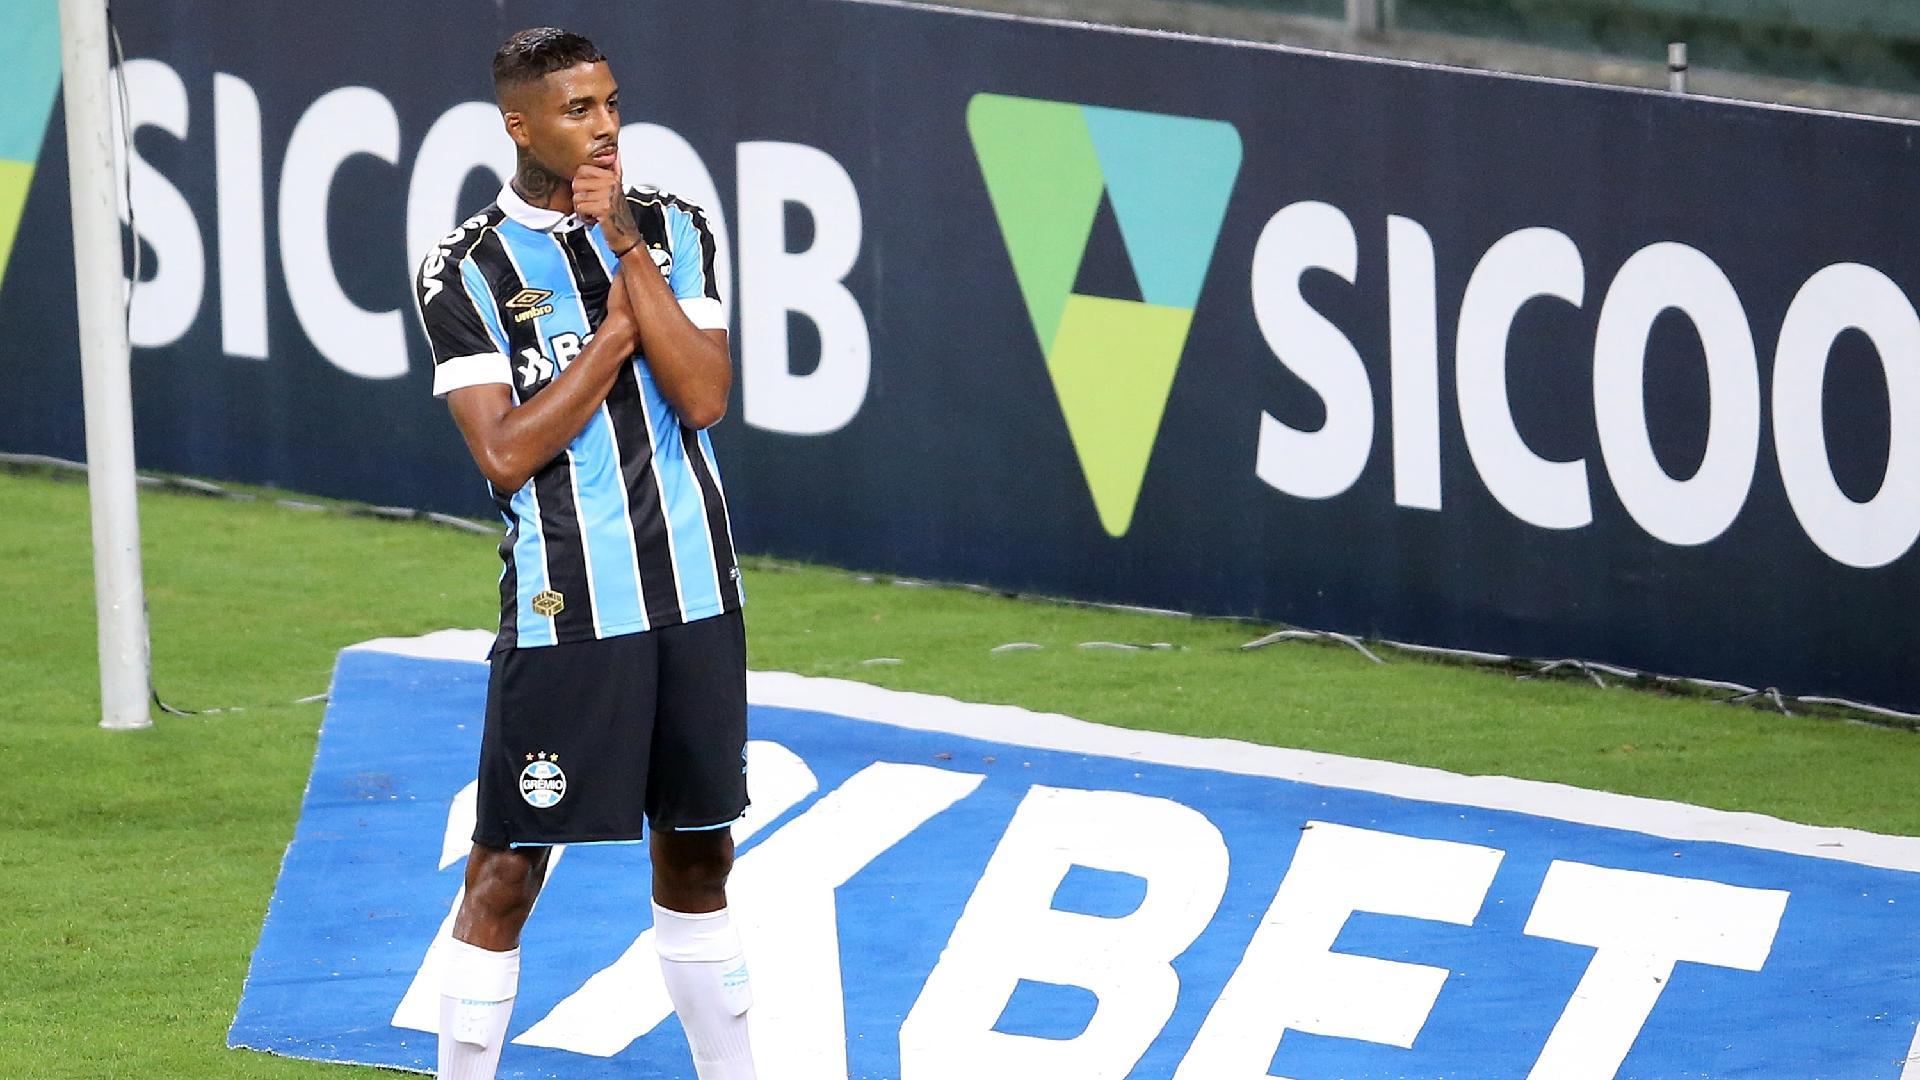 Jean Pyerre comemora gol do Grêmio contra o Fluminense